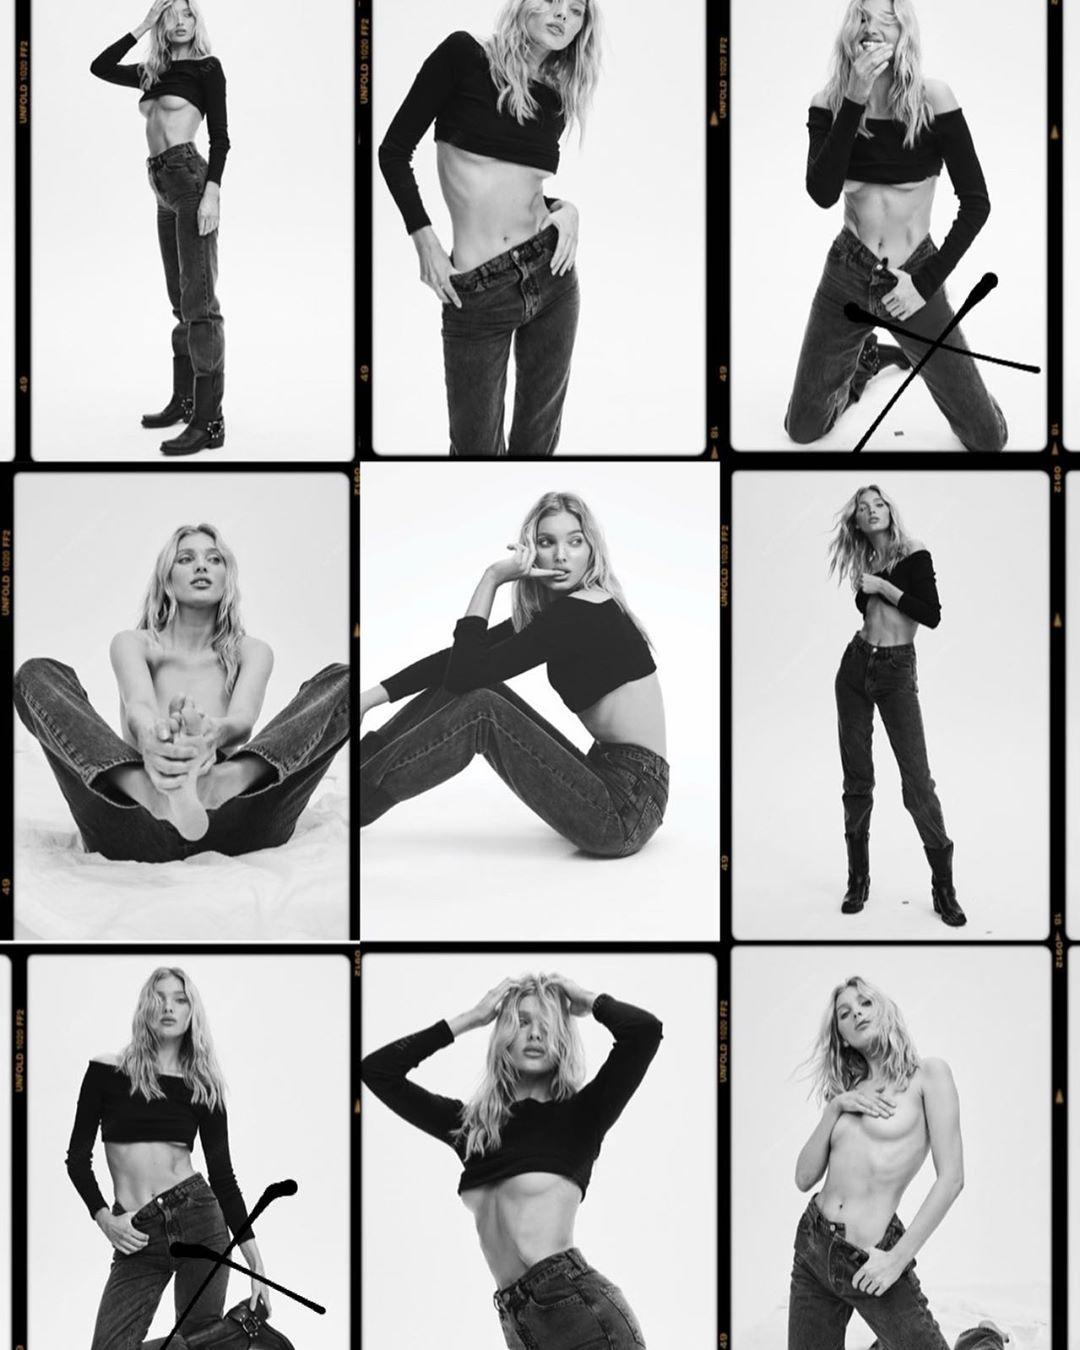 Эльза Хоск представила собственную коллекцию джинсов-Фото 1